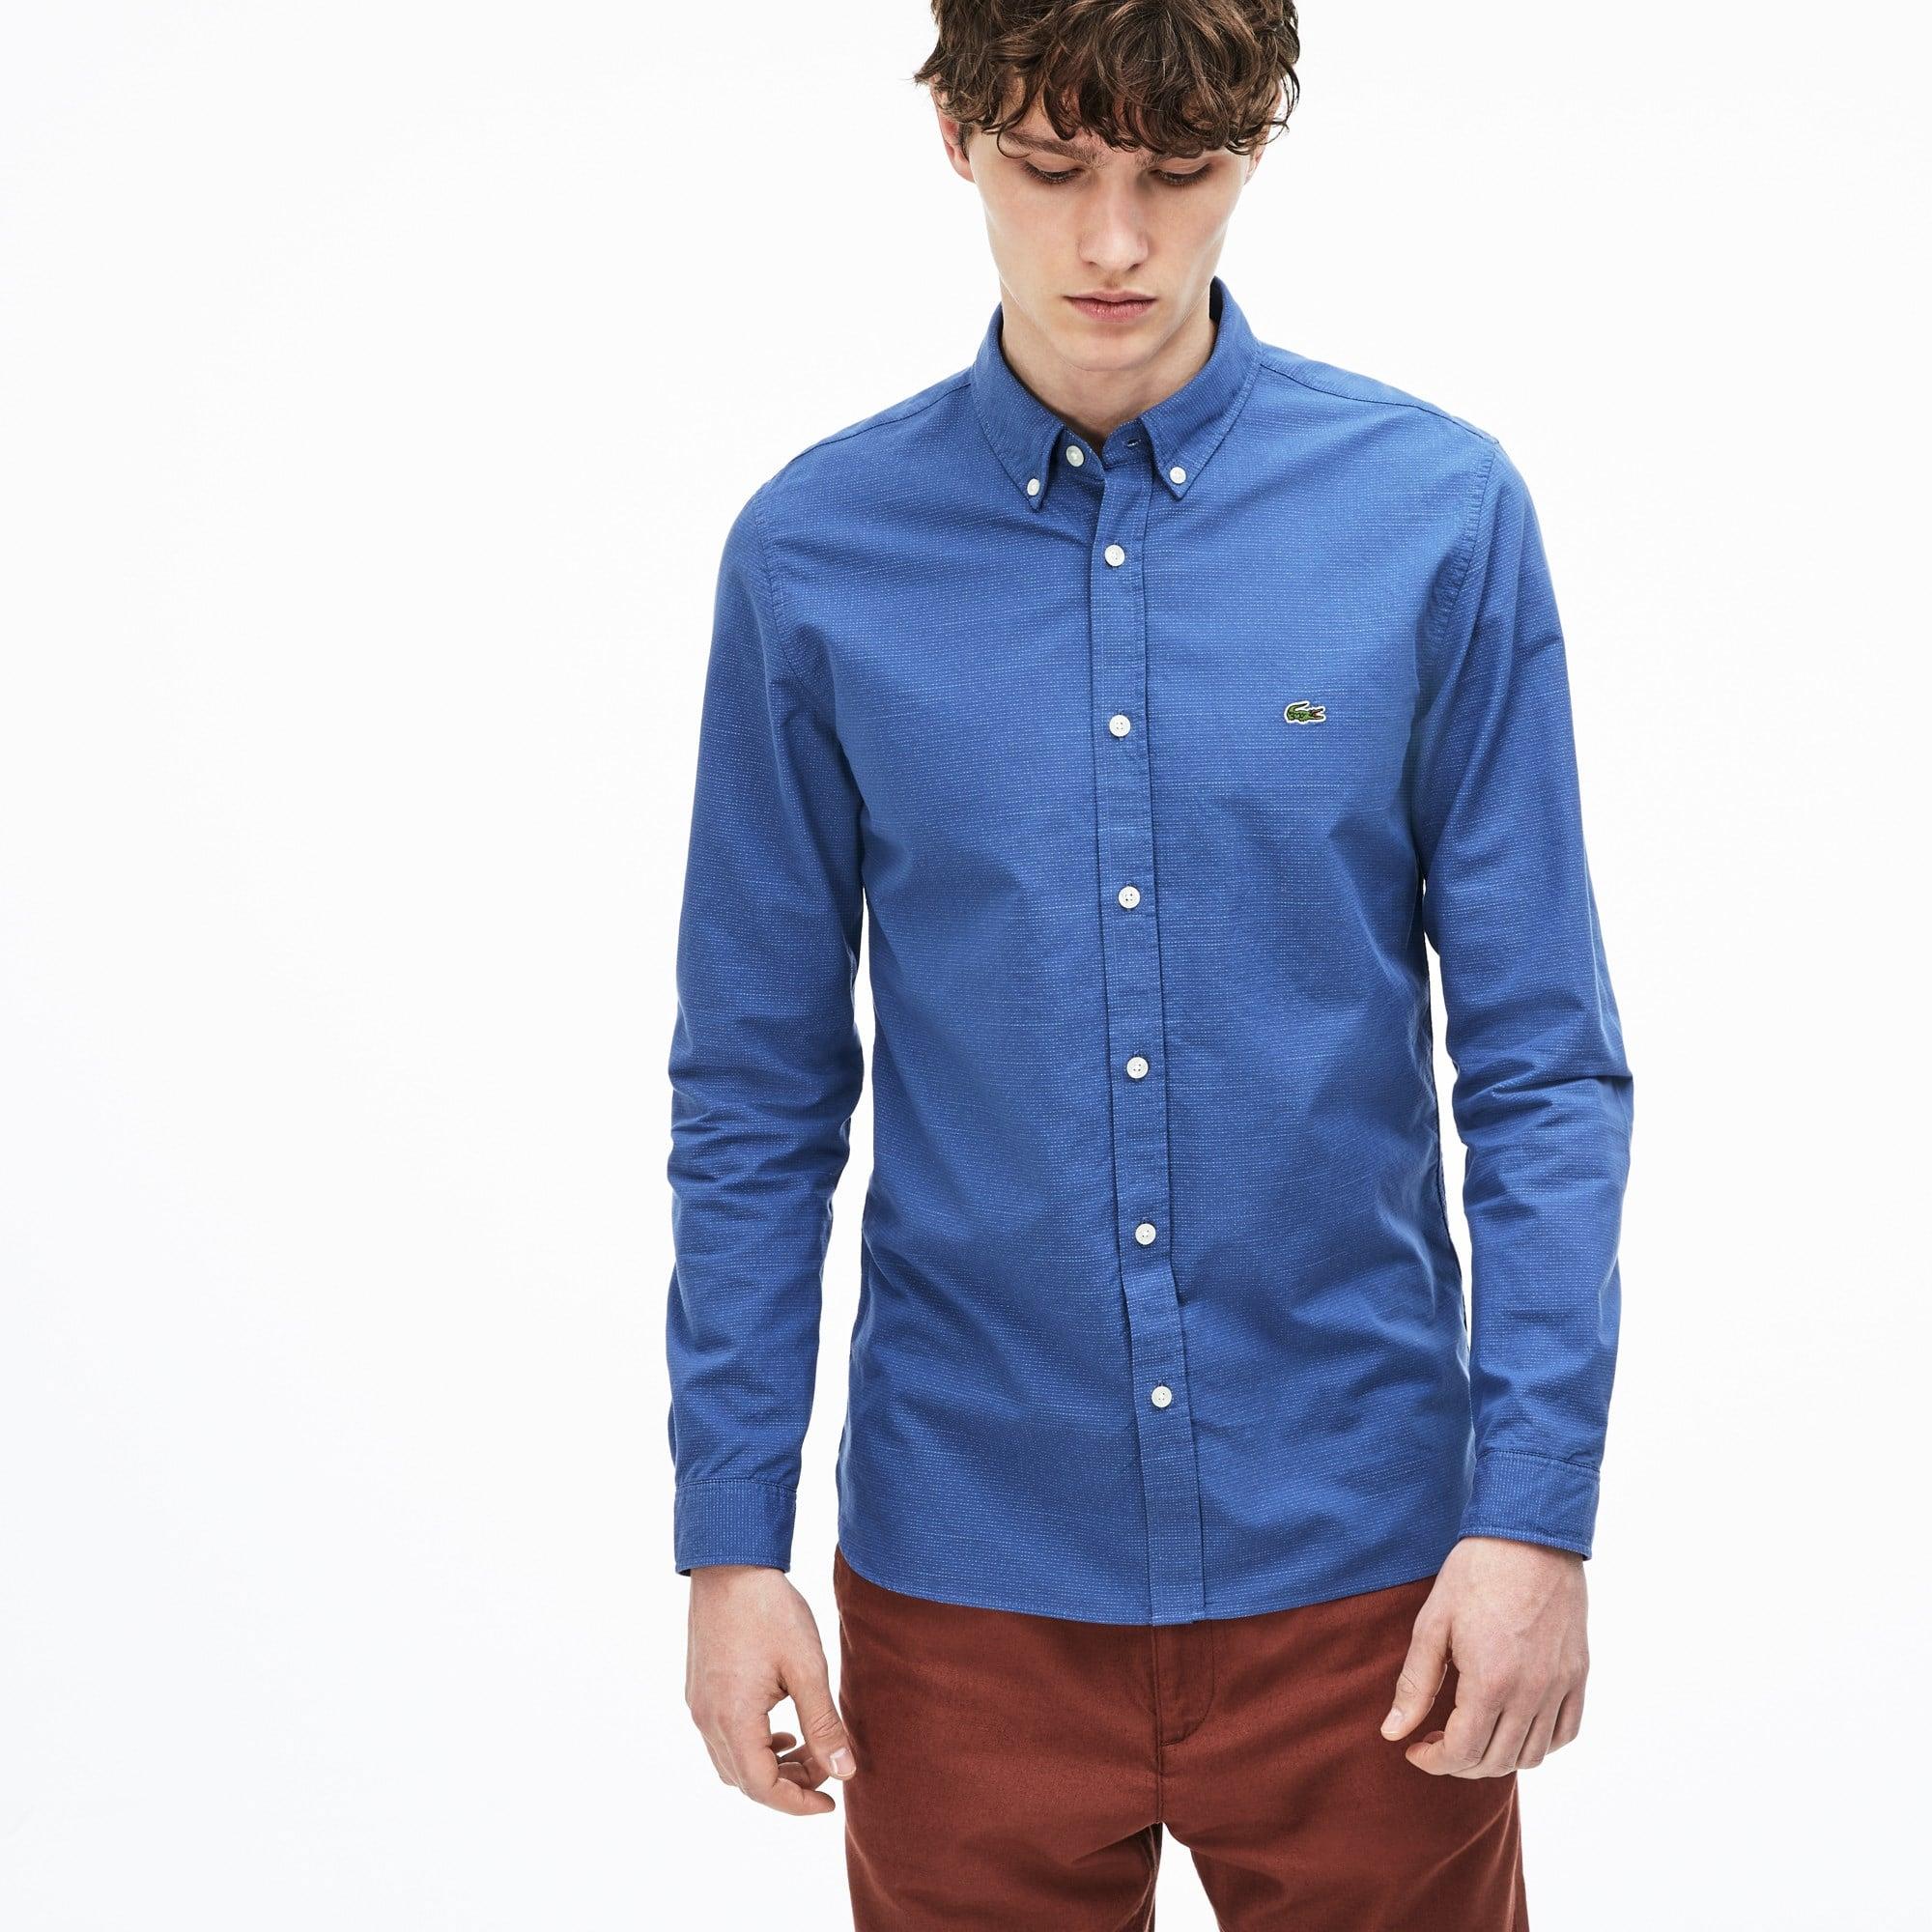 Camisa slim fit em popelina jacquard de algodão às pintas